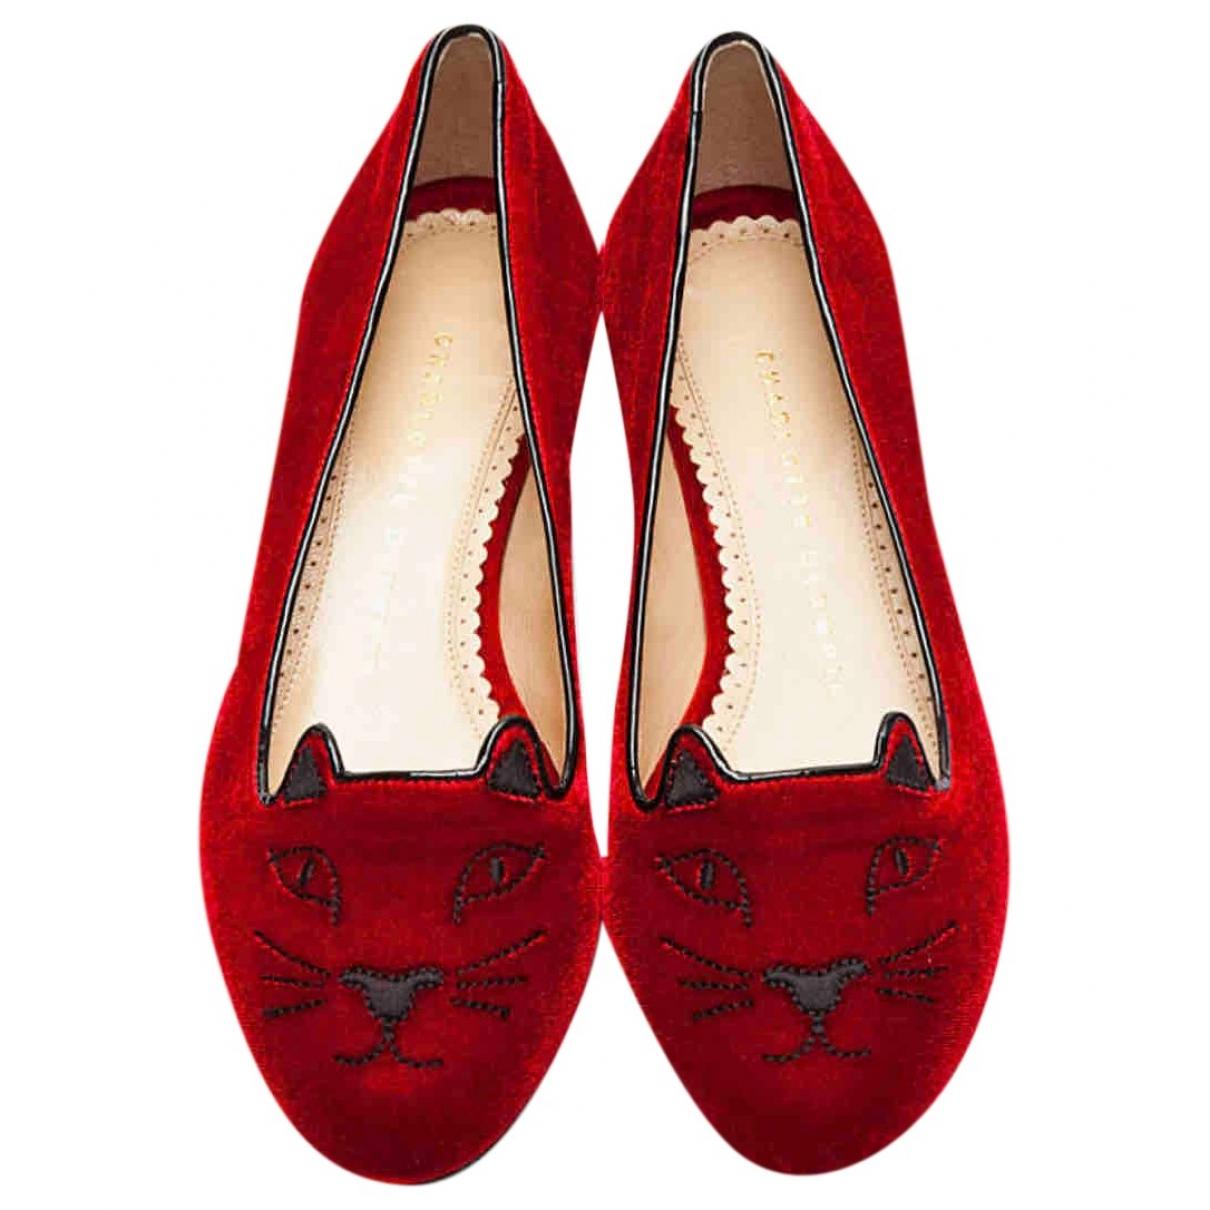 Charlotte Olympia - Ballerines Kitty pour femme en velours - rouge